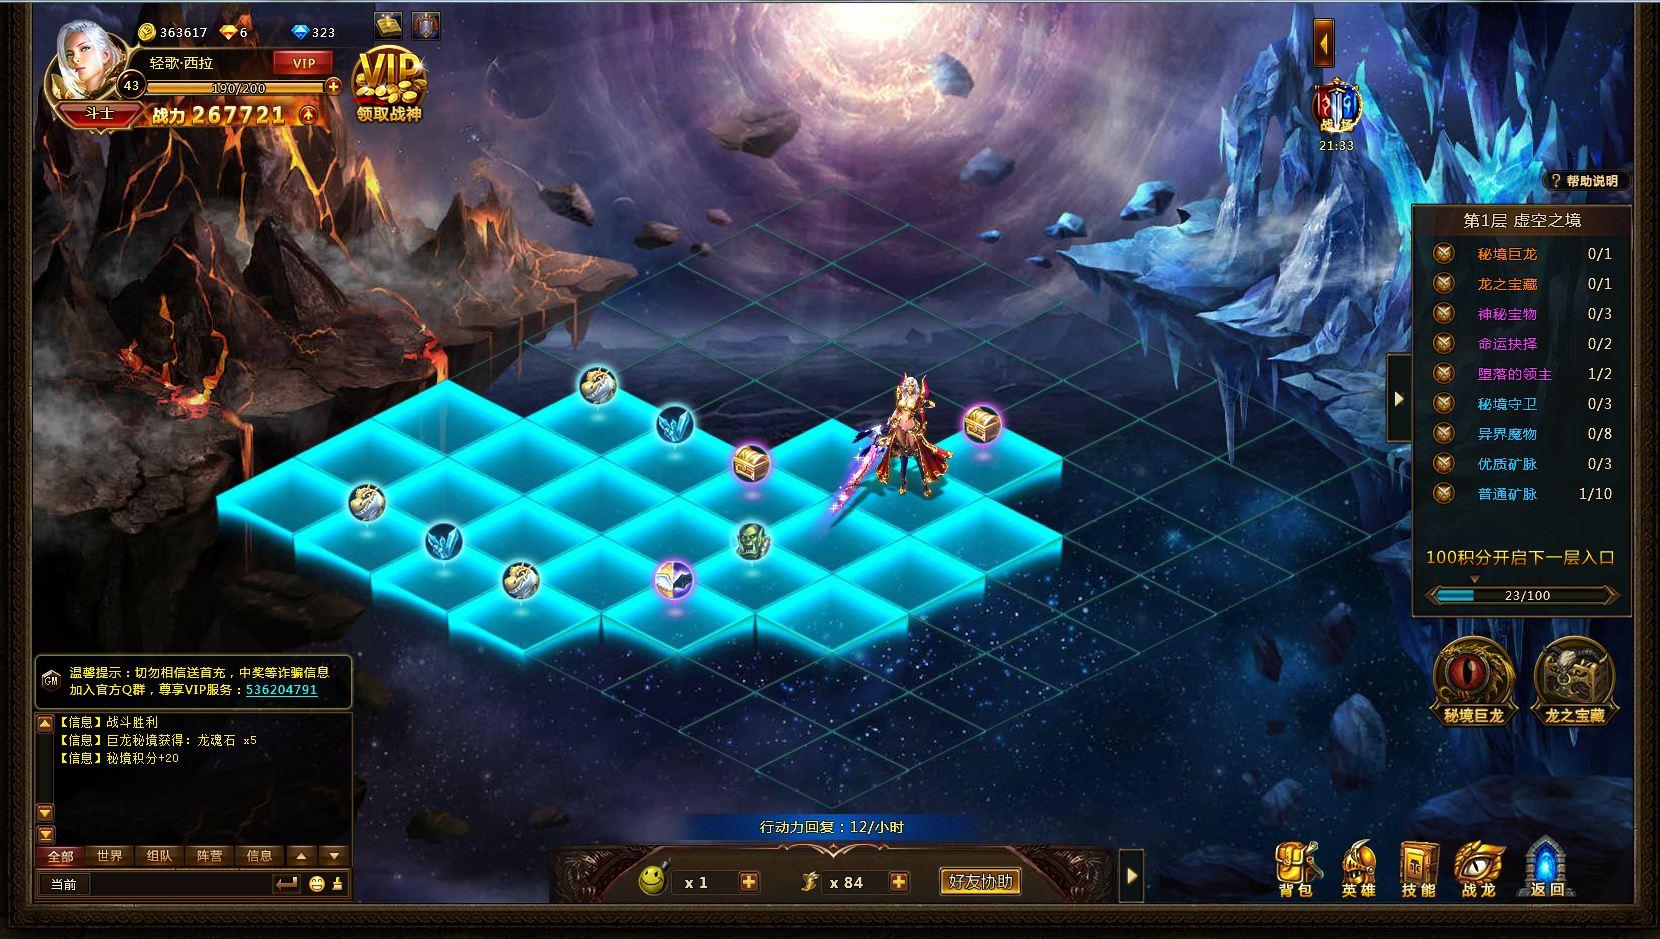 《龙之领主》游戏截图